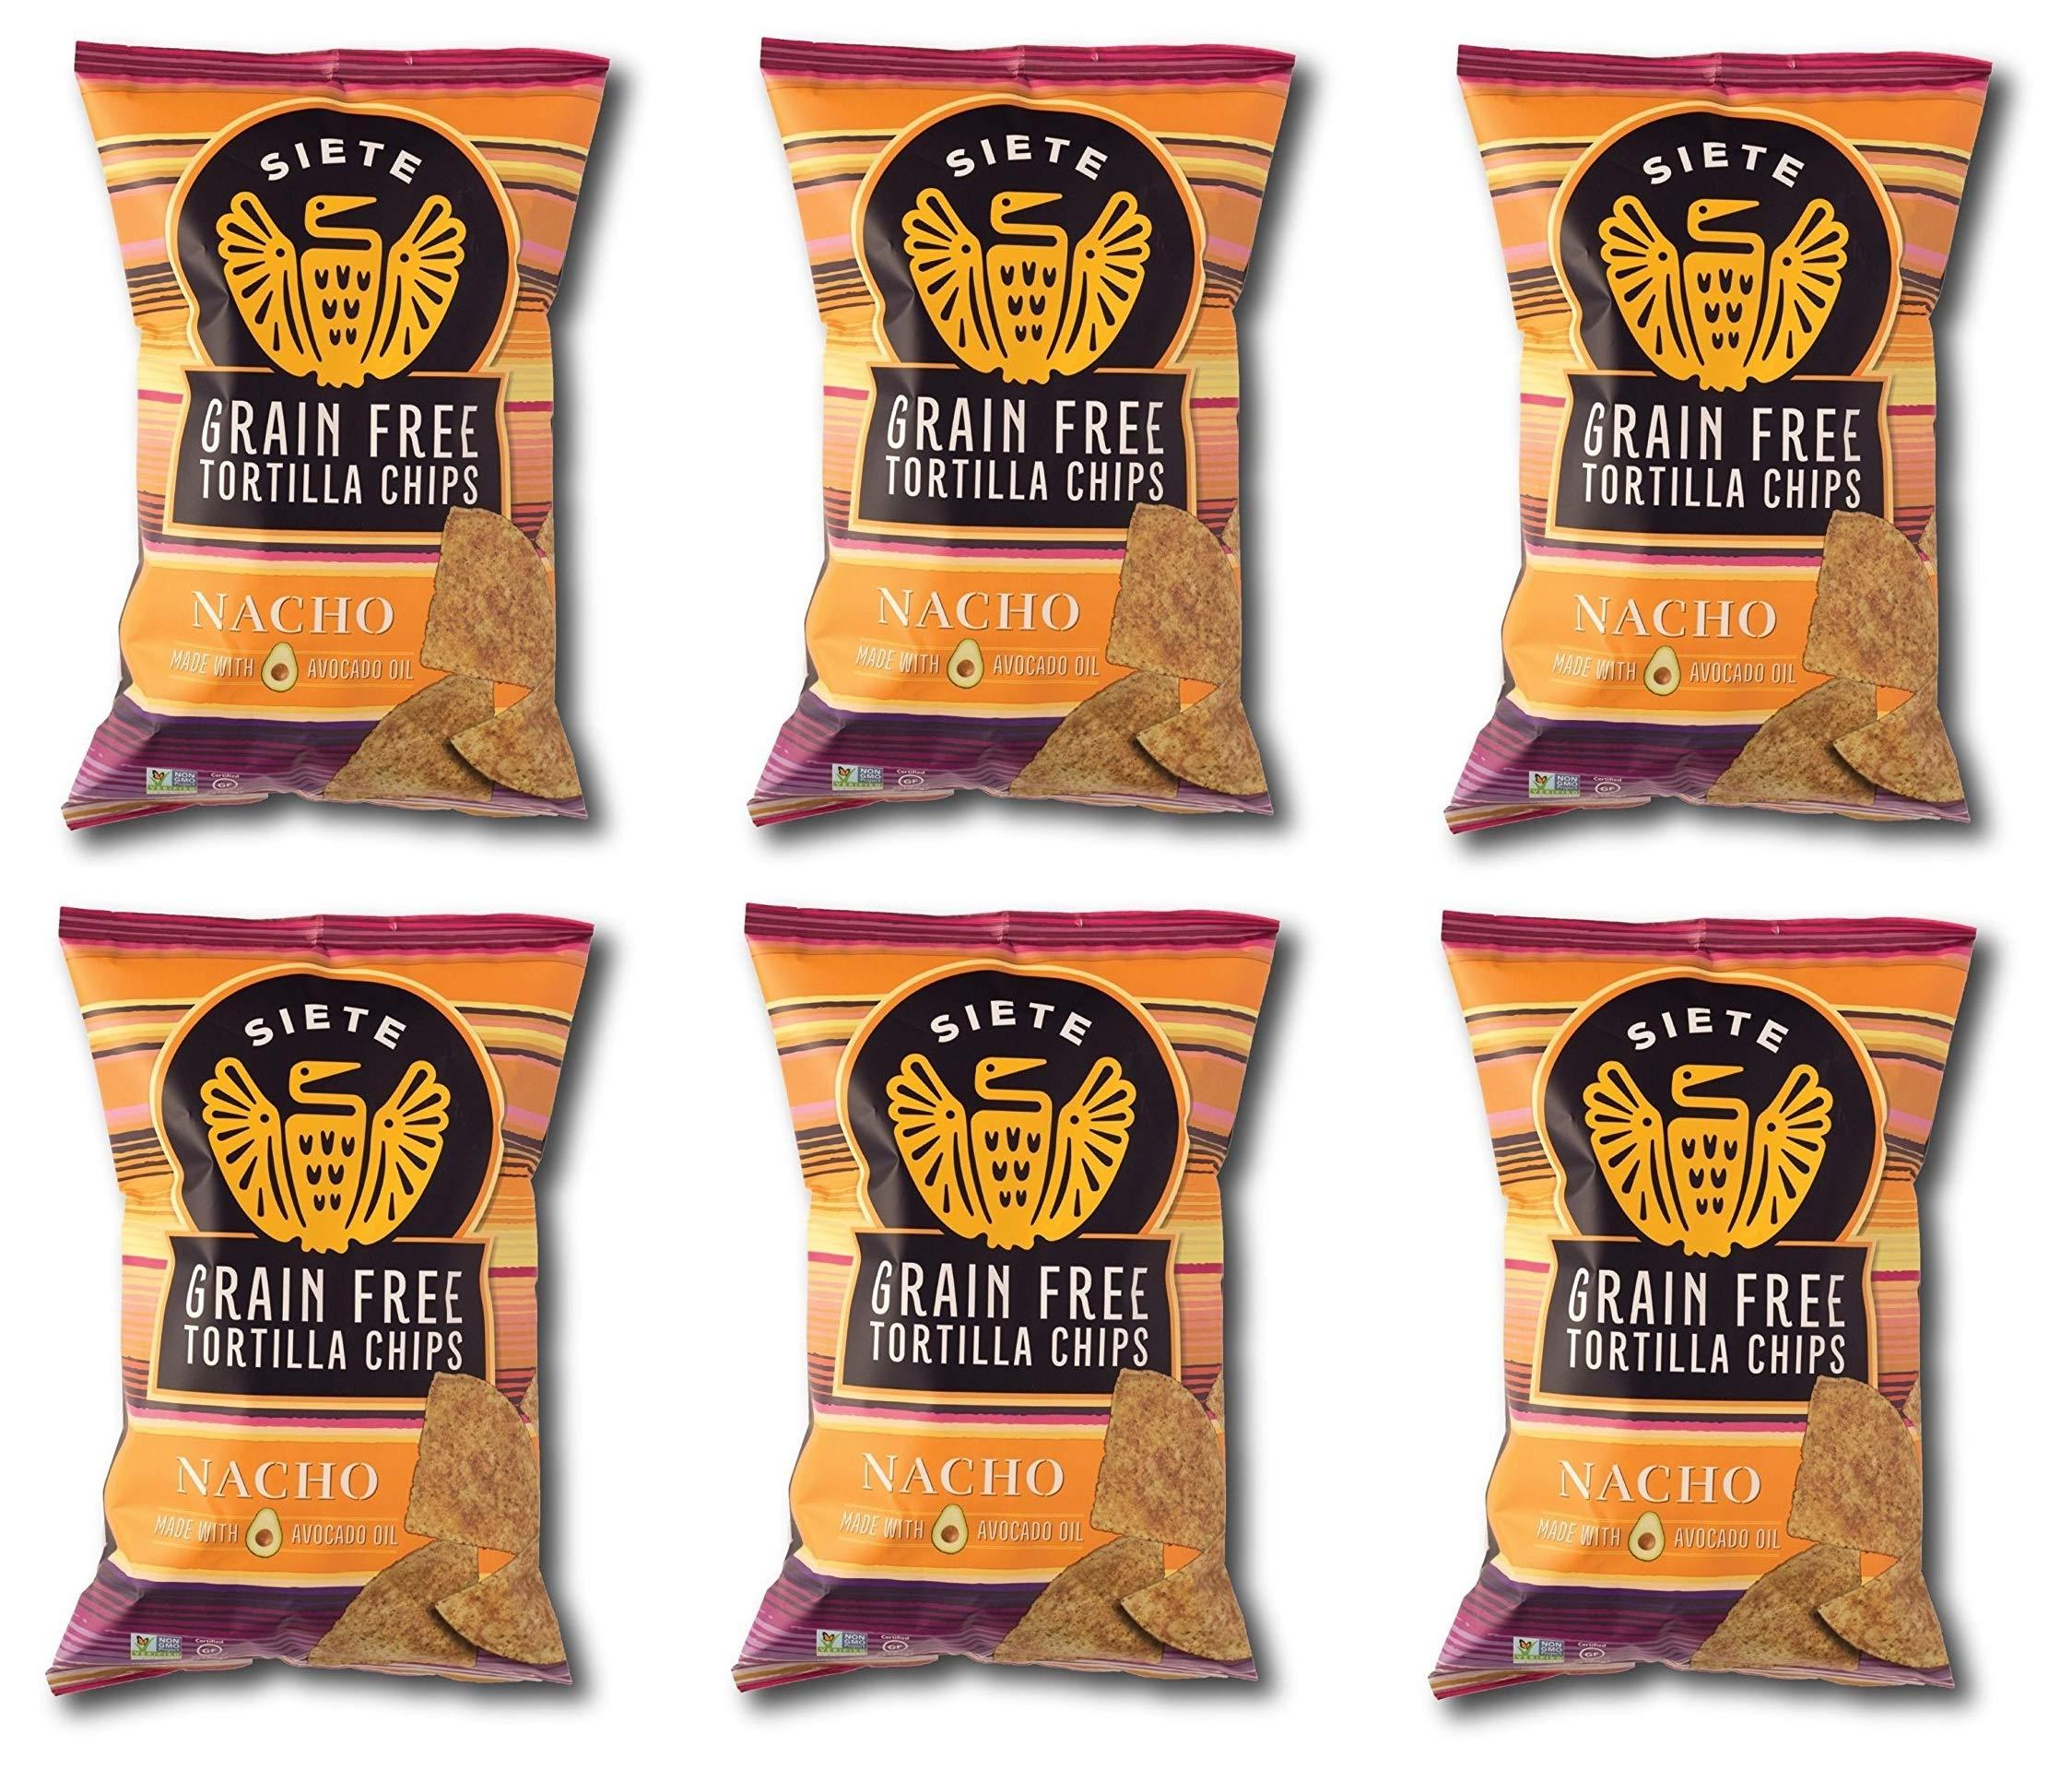 Siete Nacho Grain Free Tortilla Chips, 5 oz bags, 12-Pack by Siete